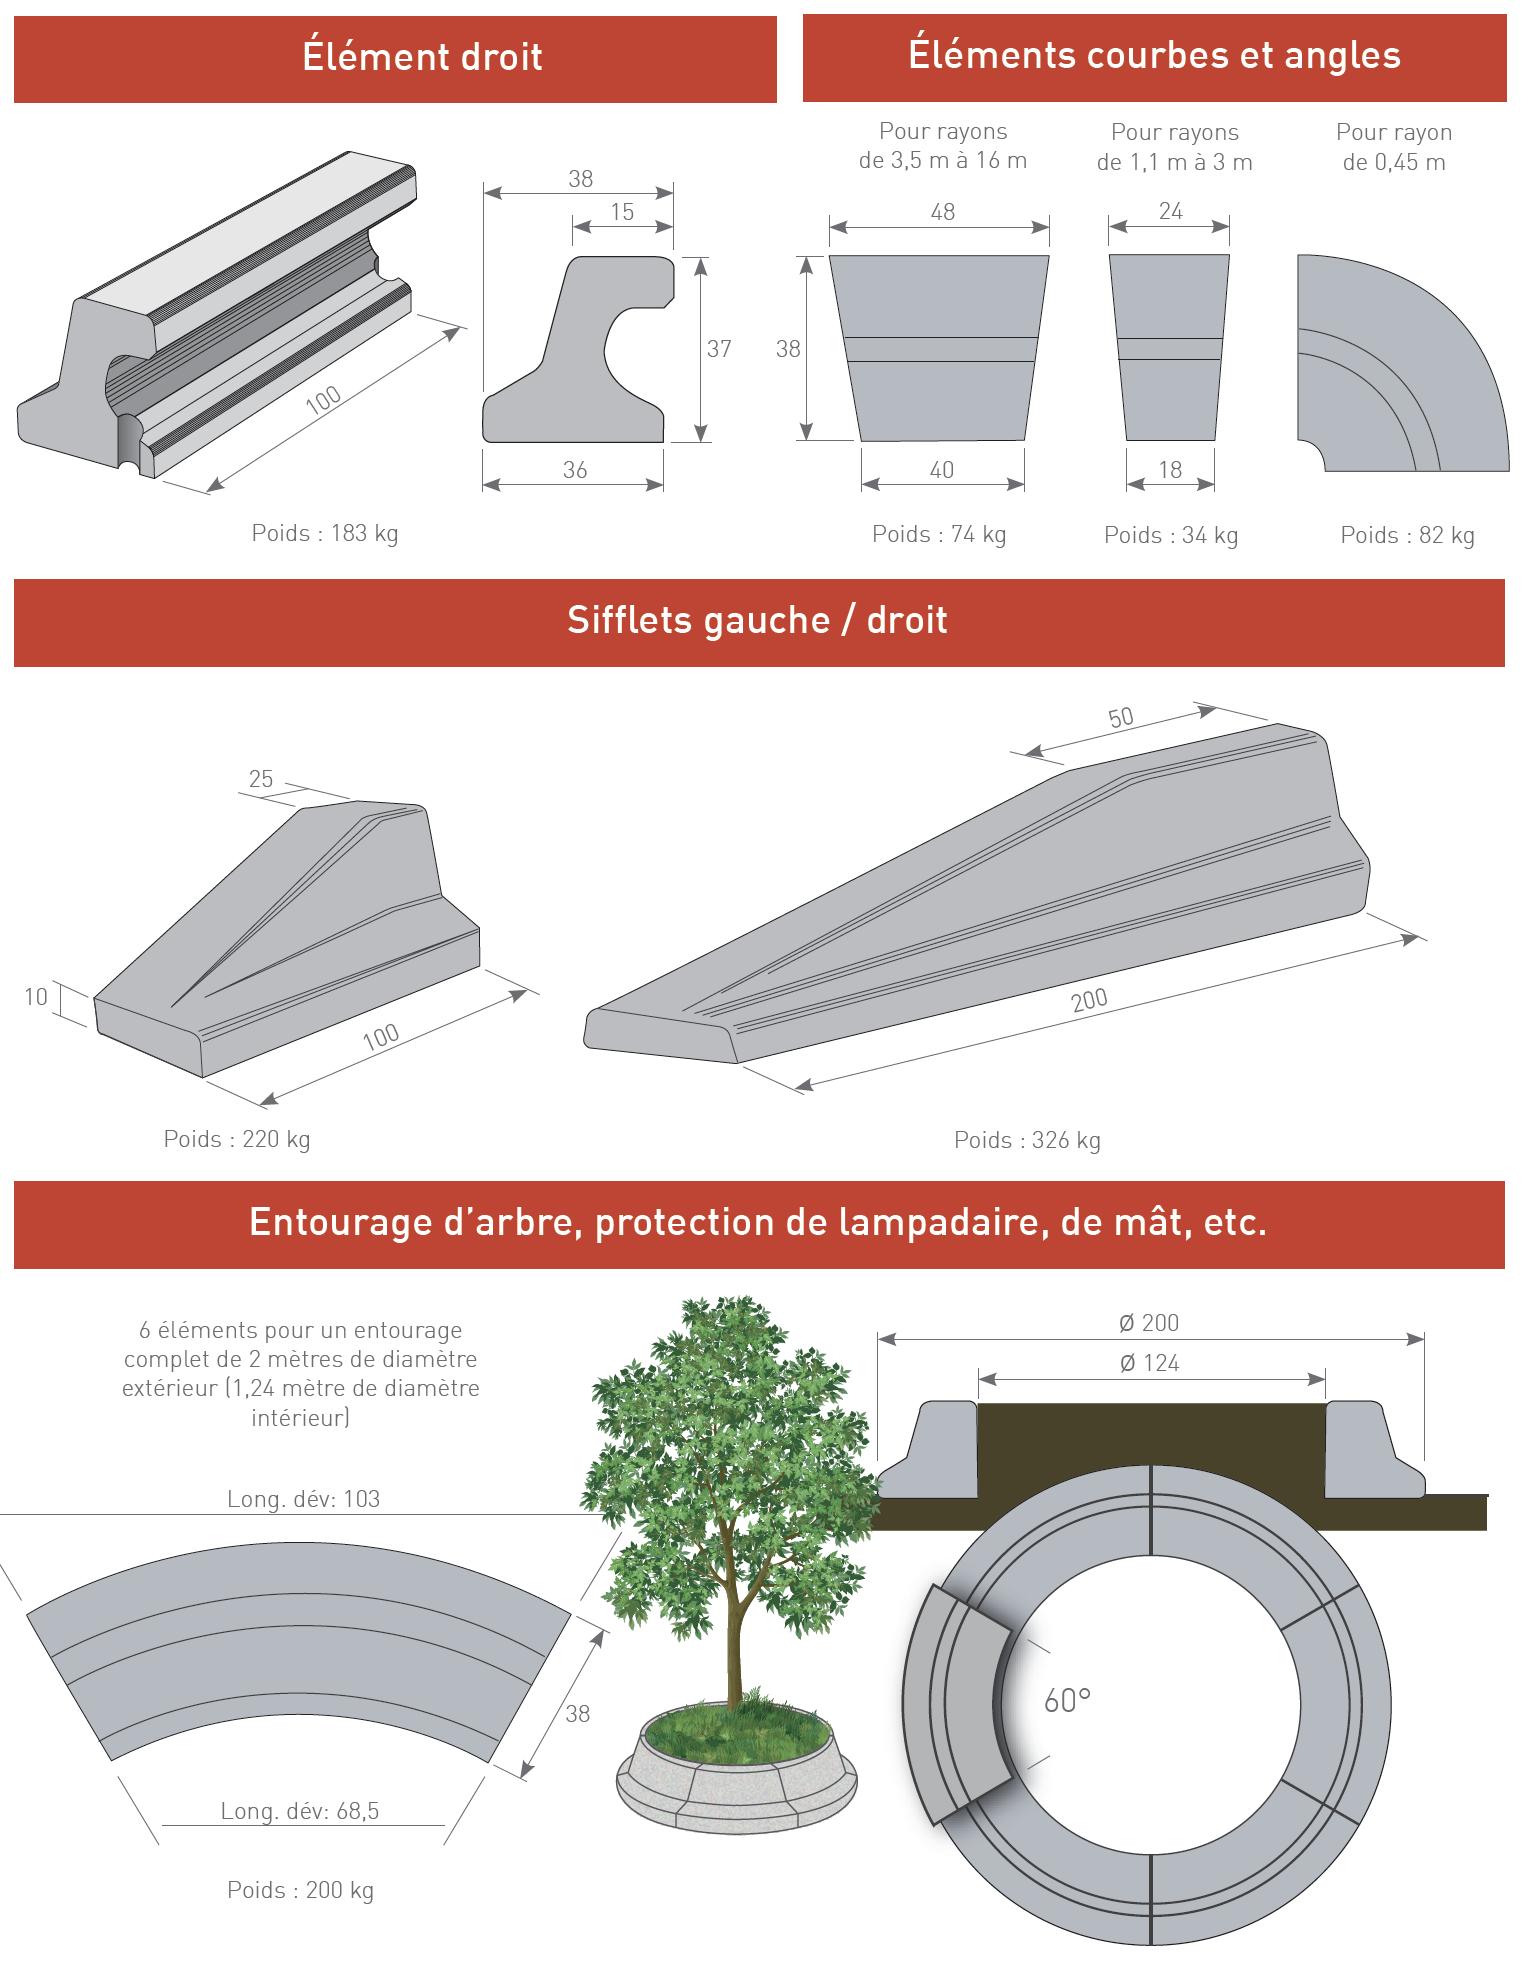 Eléments de protection urbains en béton AUTONOR® - SOTUBEMA